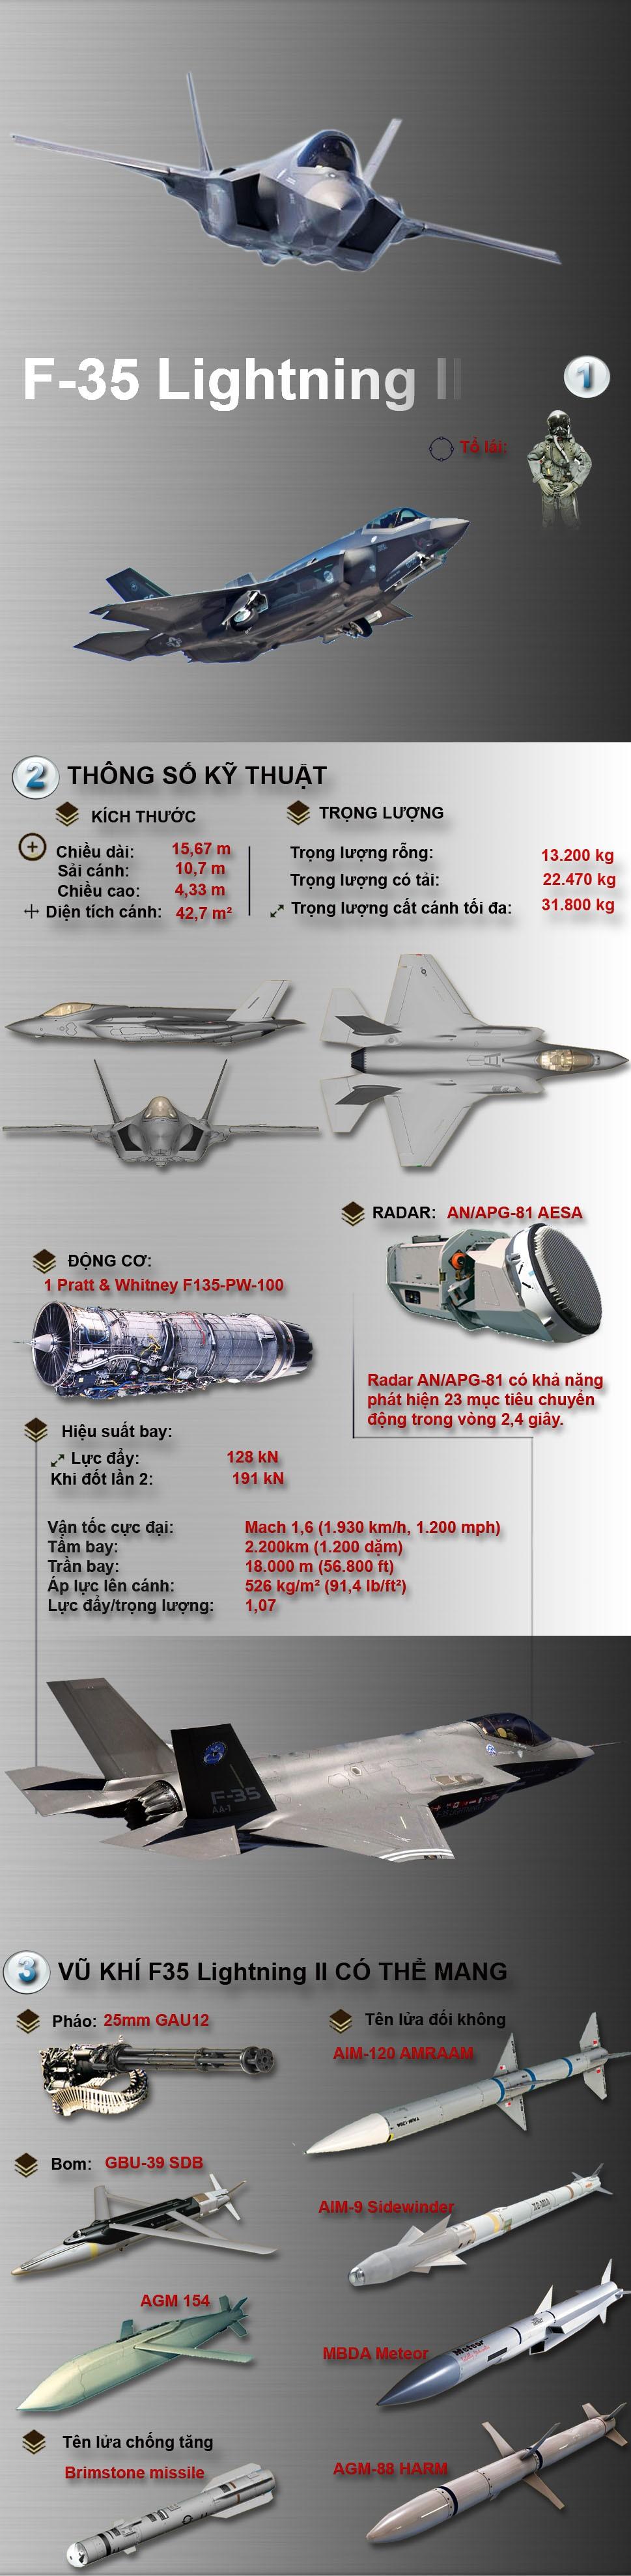 """[Infographic] F-35 Lightning II - """"dũng sĩ"""" lận đận của không lực Mỹ ảnh 1"""